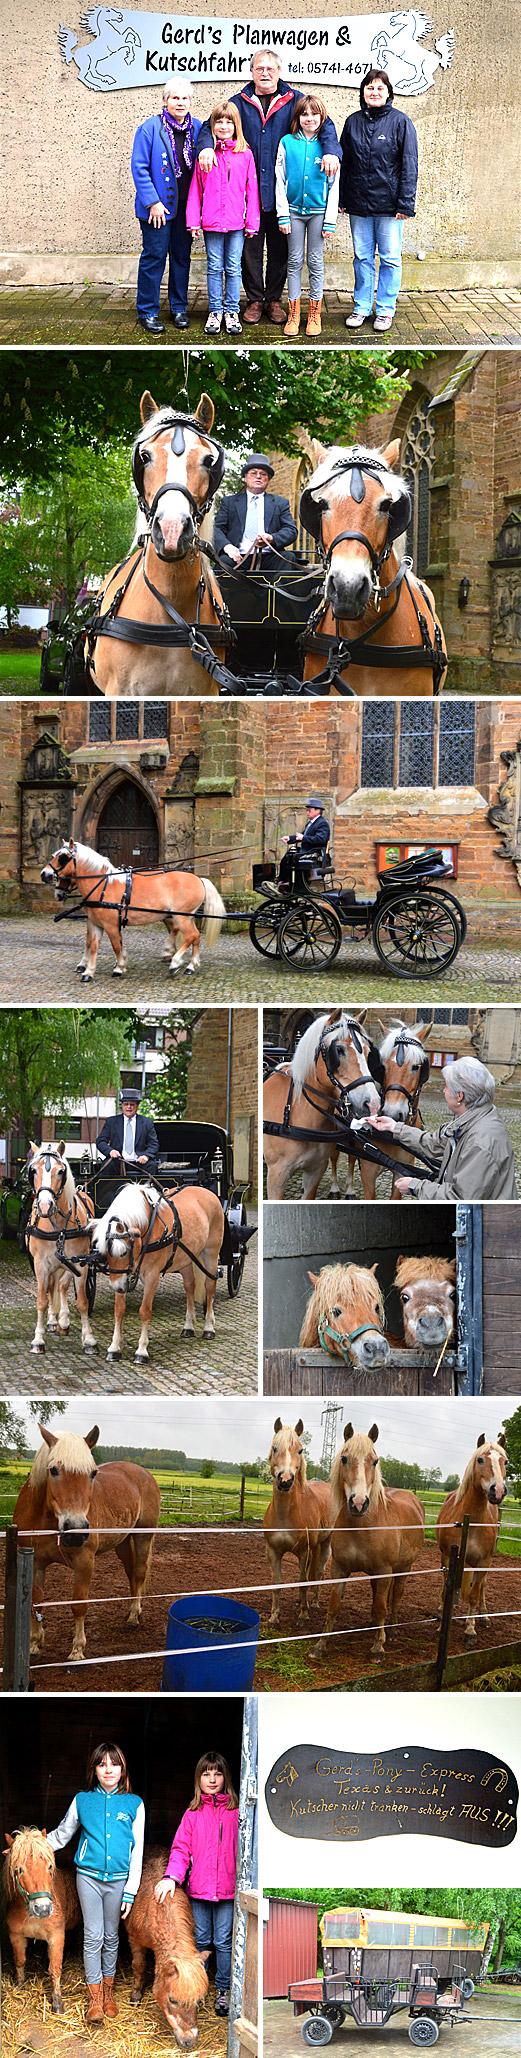 Wer seine Hochzeit, Junggesellen- oder Junggesellinnenabschied angemessen und als besonders Event feiern möchte, der sollte sich den Namen Gerd Aspelmeier vormerken.